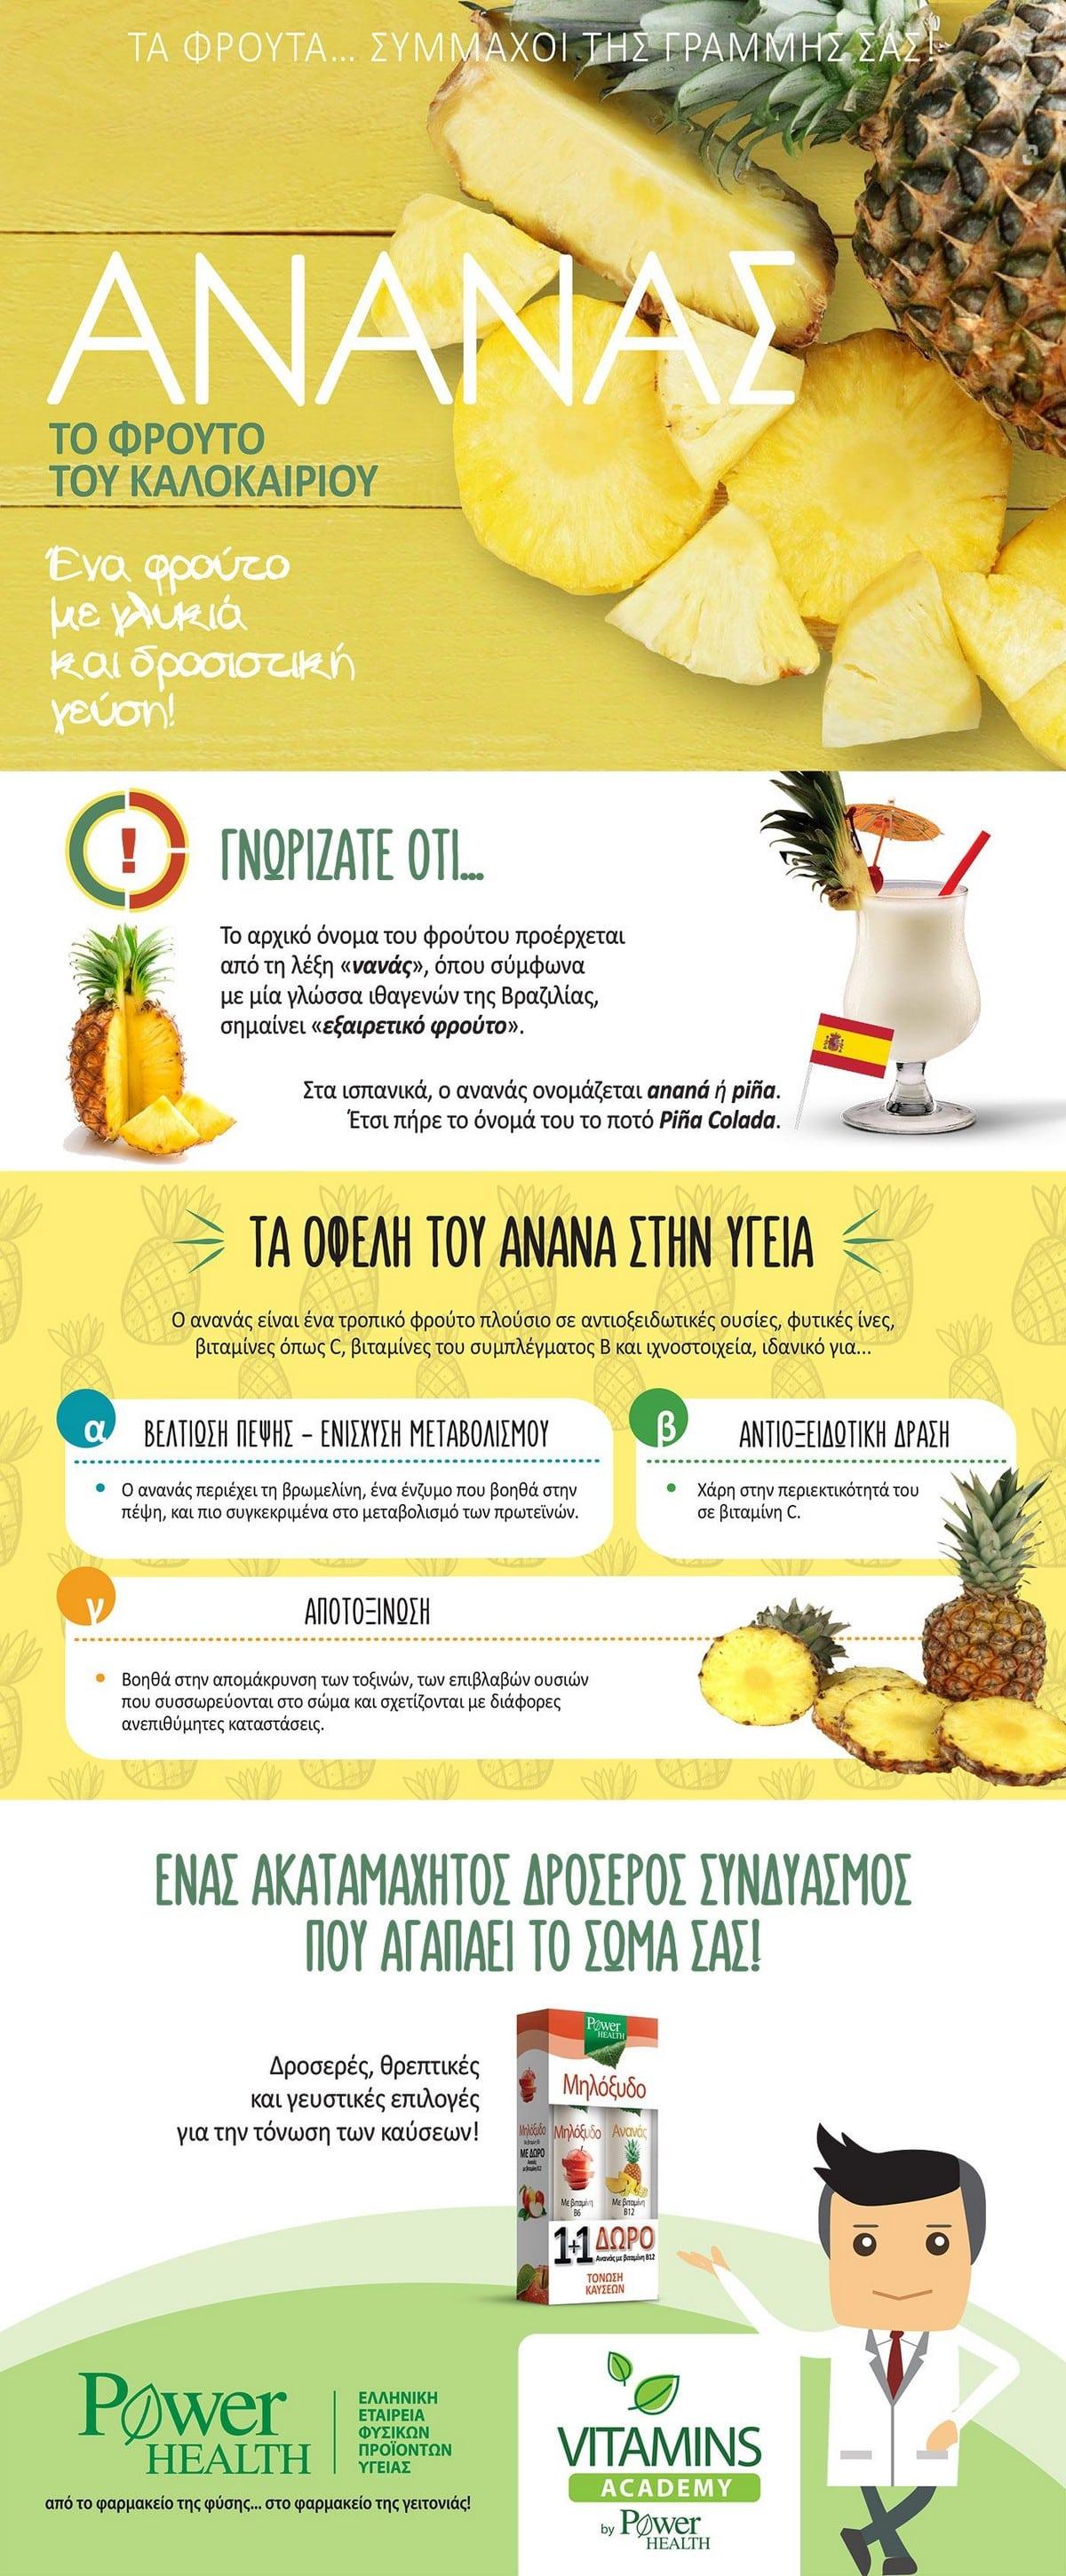 Βελτίωση της πέψης και αποτοξίνωση με τη βοήθεια του ανανά